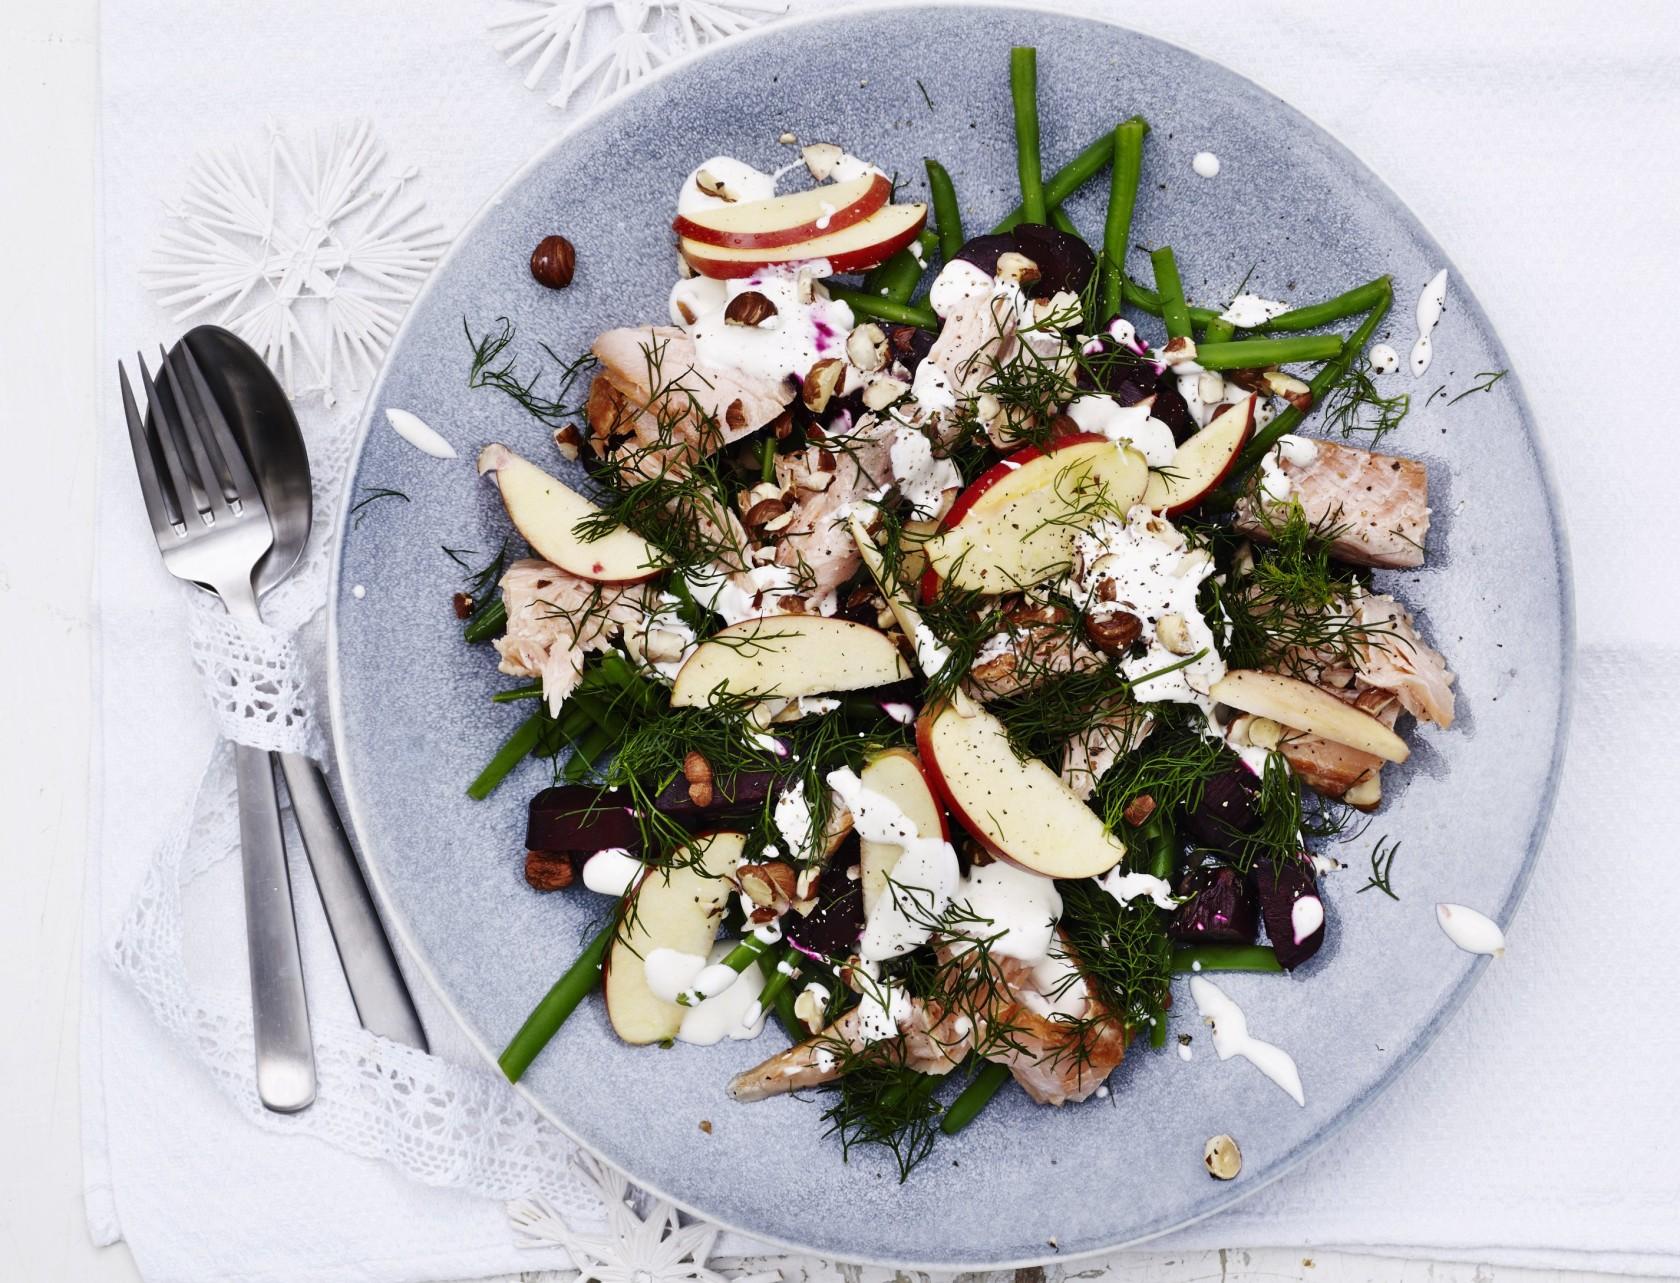 Varmrøget laks med bagte rødbeder og bønnesalat - god opskrift på måltidssalat.